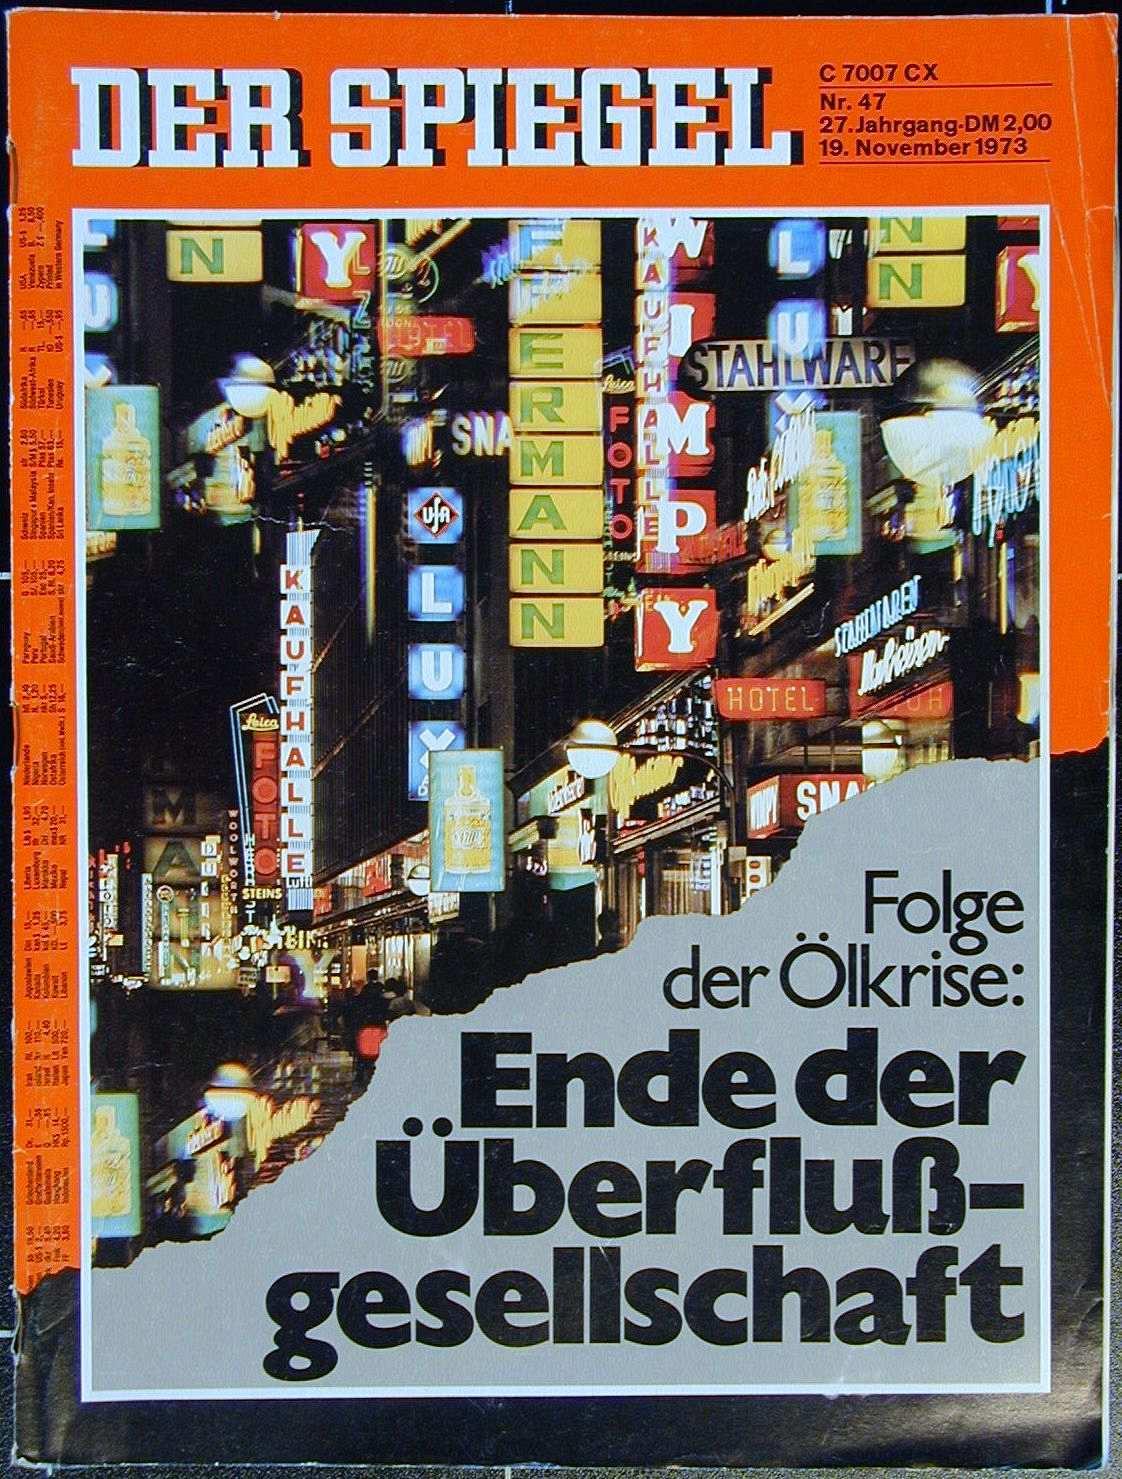 Lemo kapitel geteiltes deutschland krisenmanagement for Hamburg spiegel